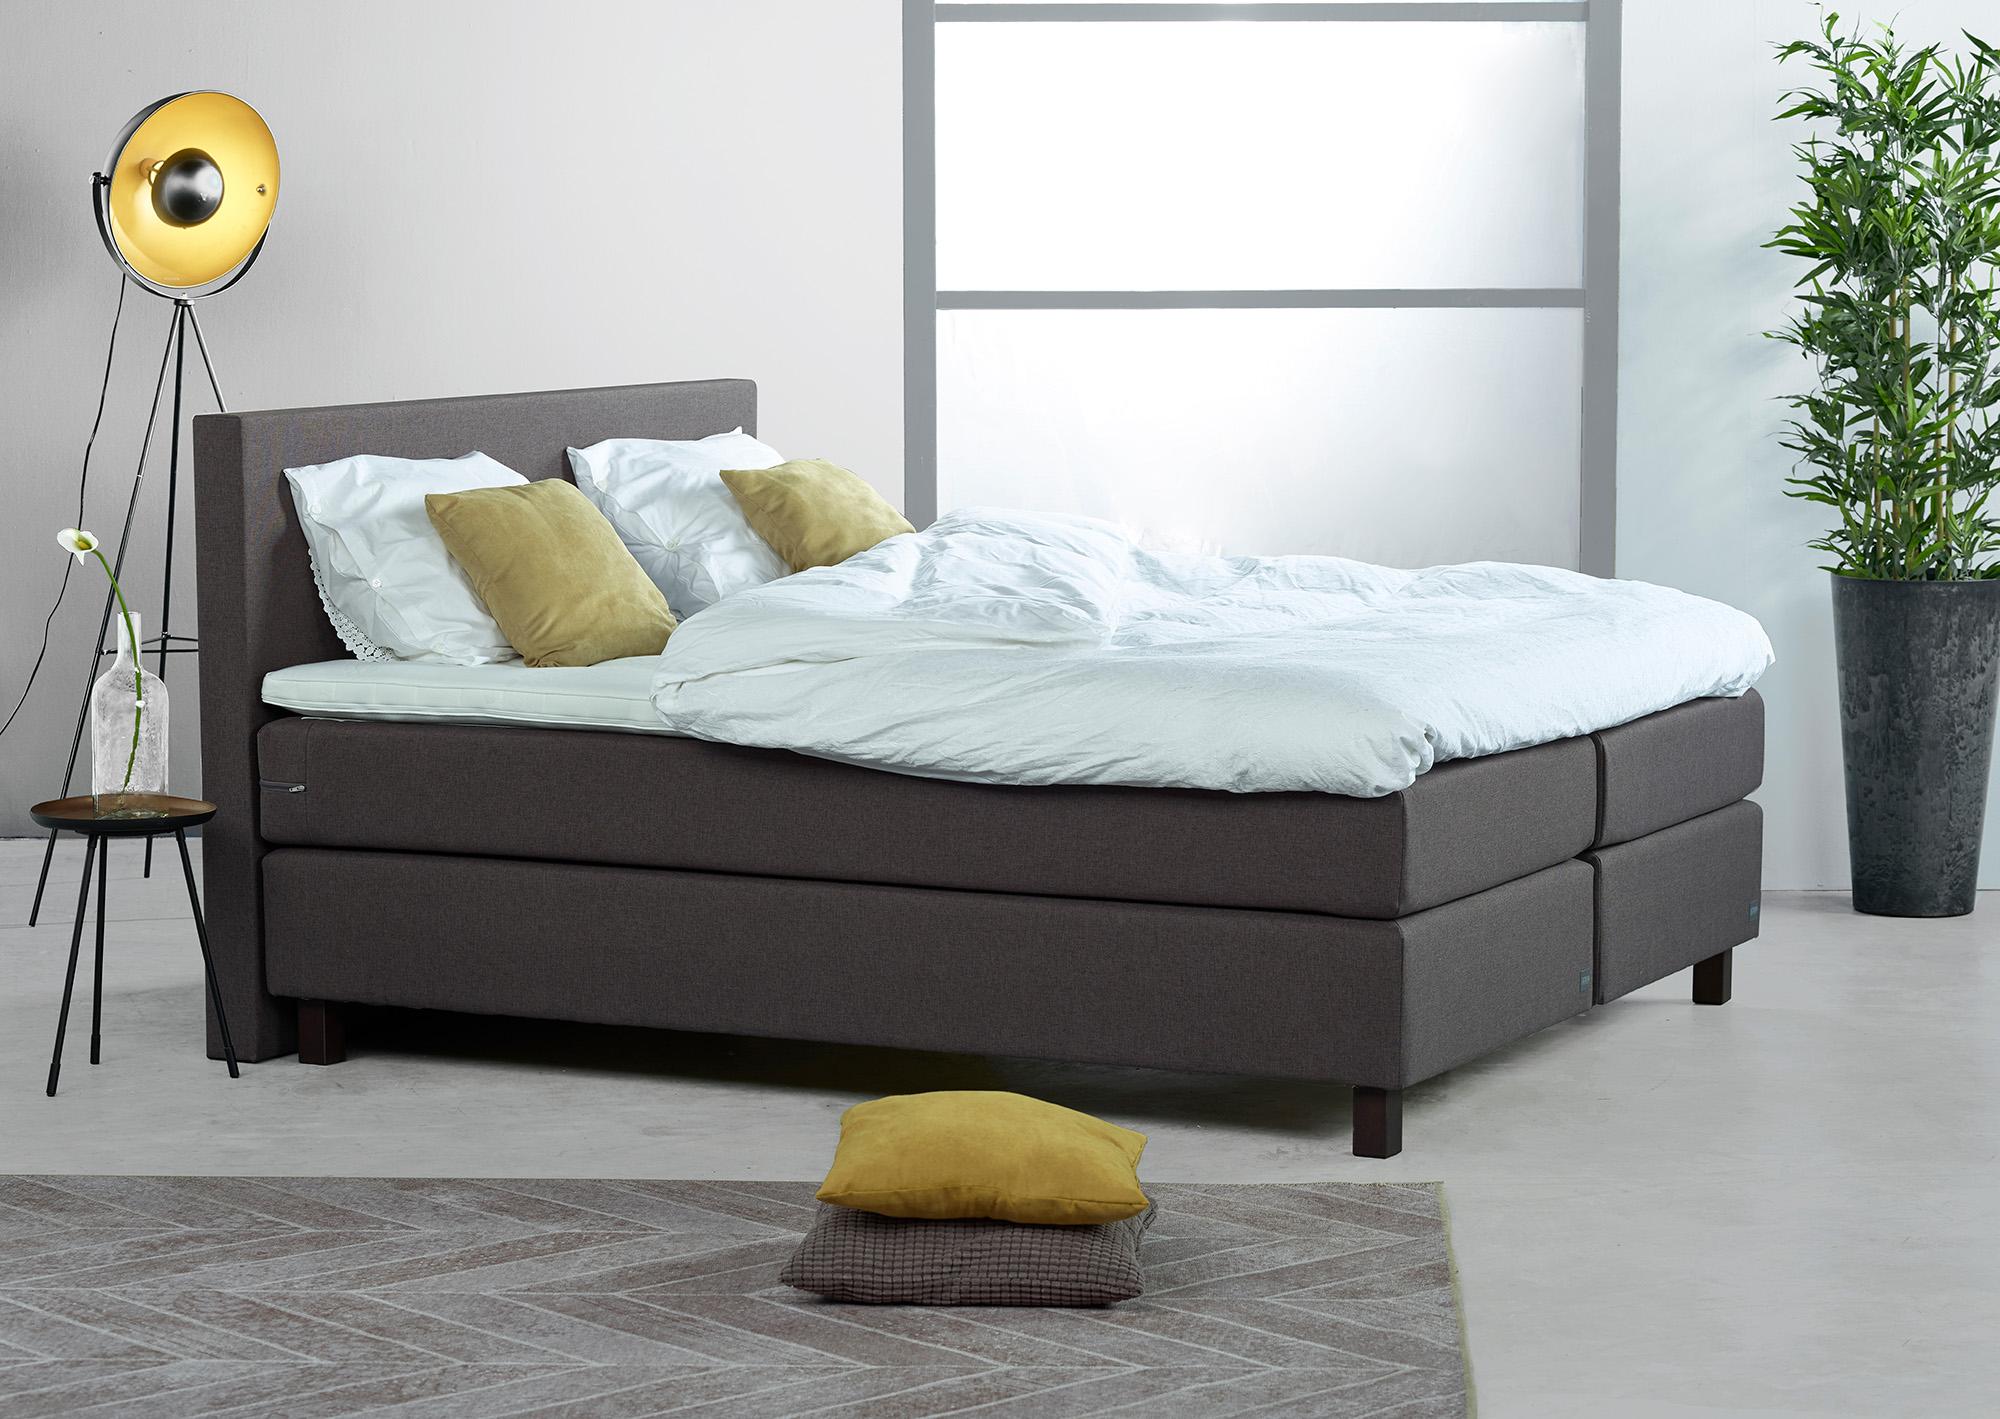 Slaapkamer-Geel-Grijs-Bed - Niek Erents Fotografie   Zakelijk